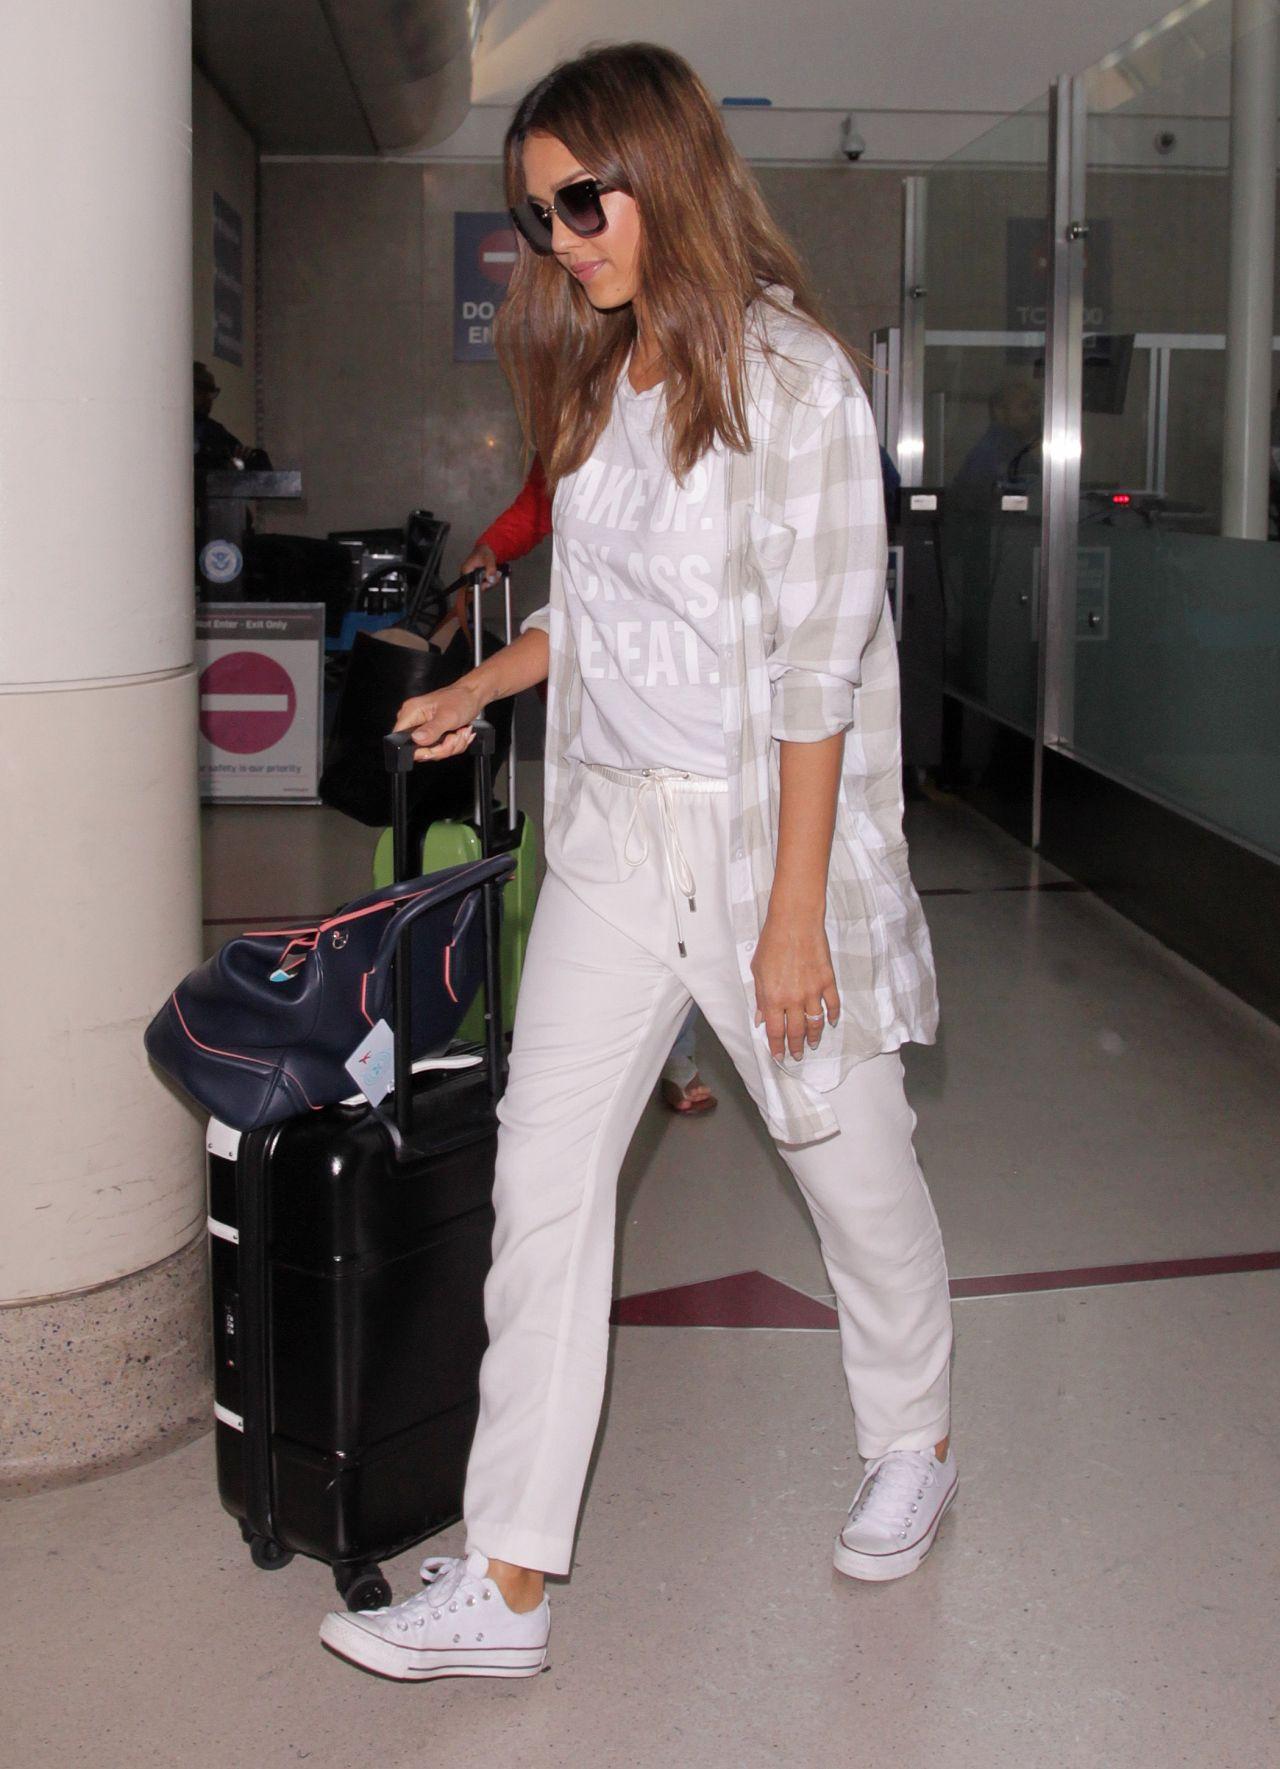 Jessica Alba Travel Outfit LAX In LA 8262016